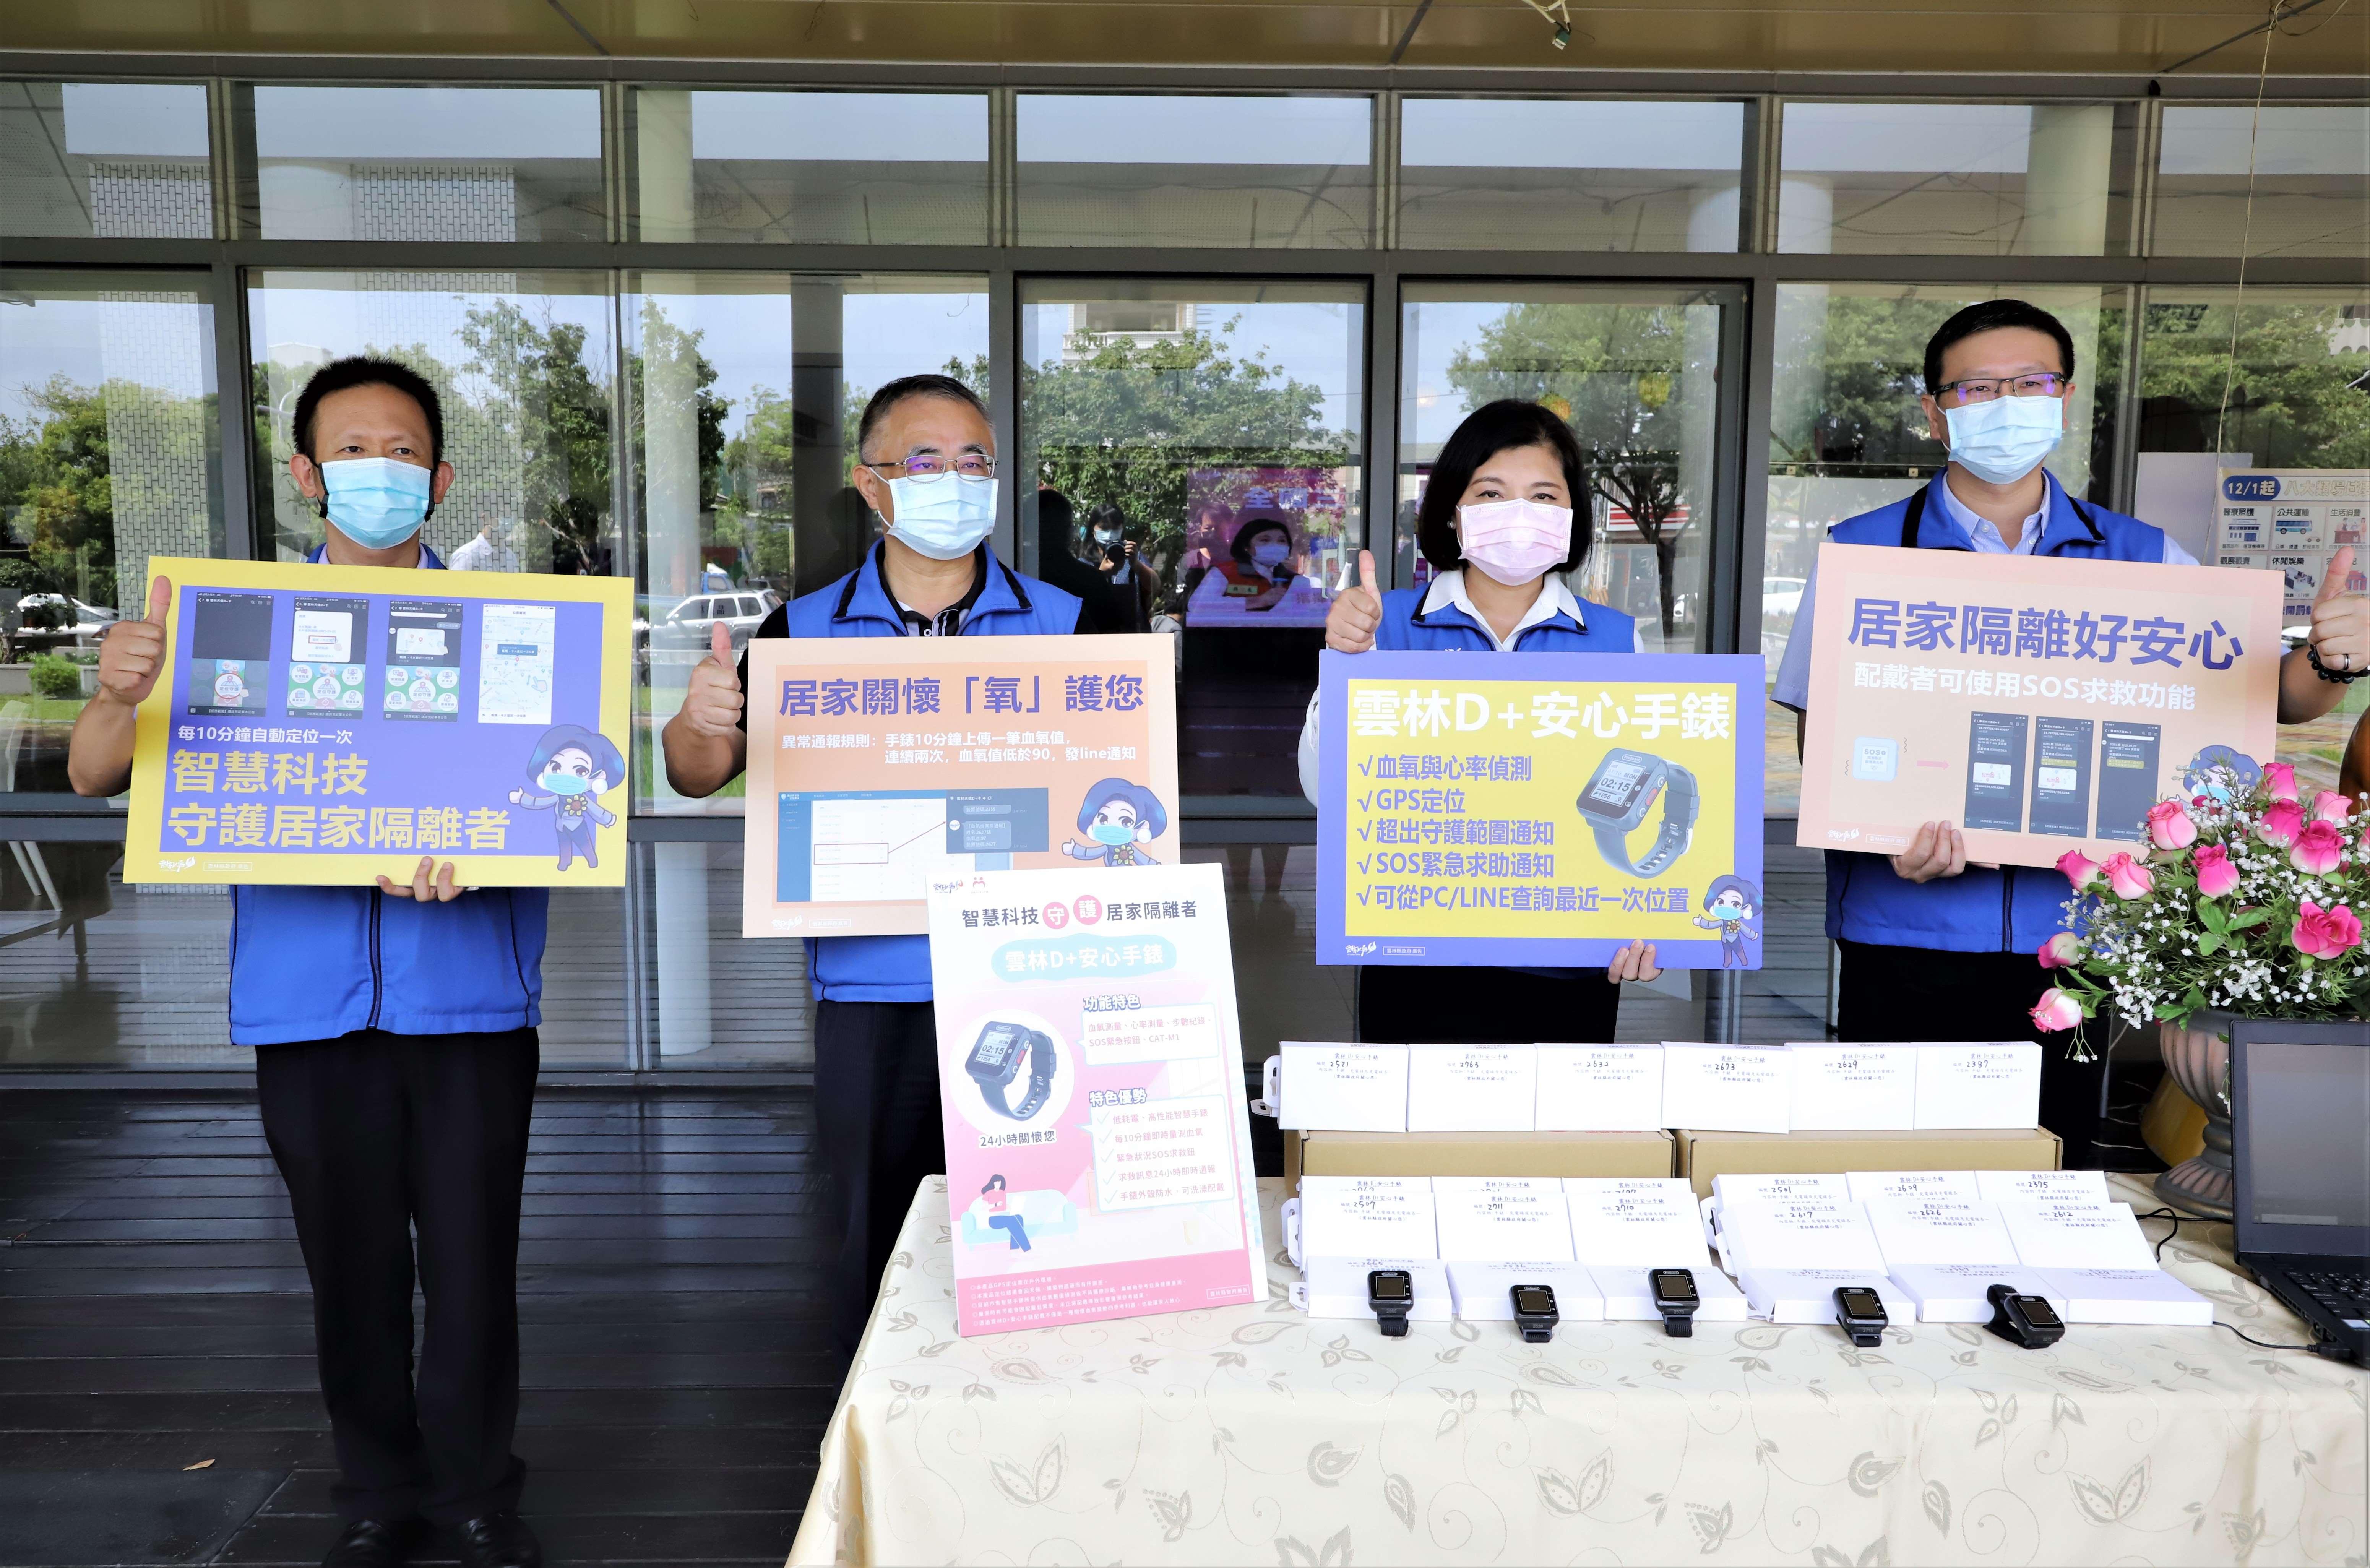 拒絕快樂缺氧 雲林縣政府全國首創D 安心血氧量測手錶守護居家隔離者